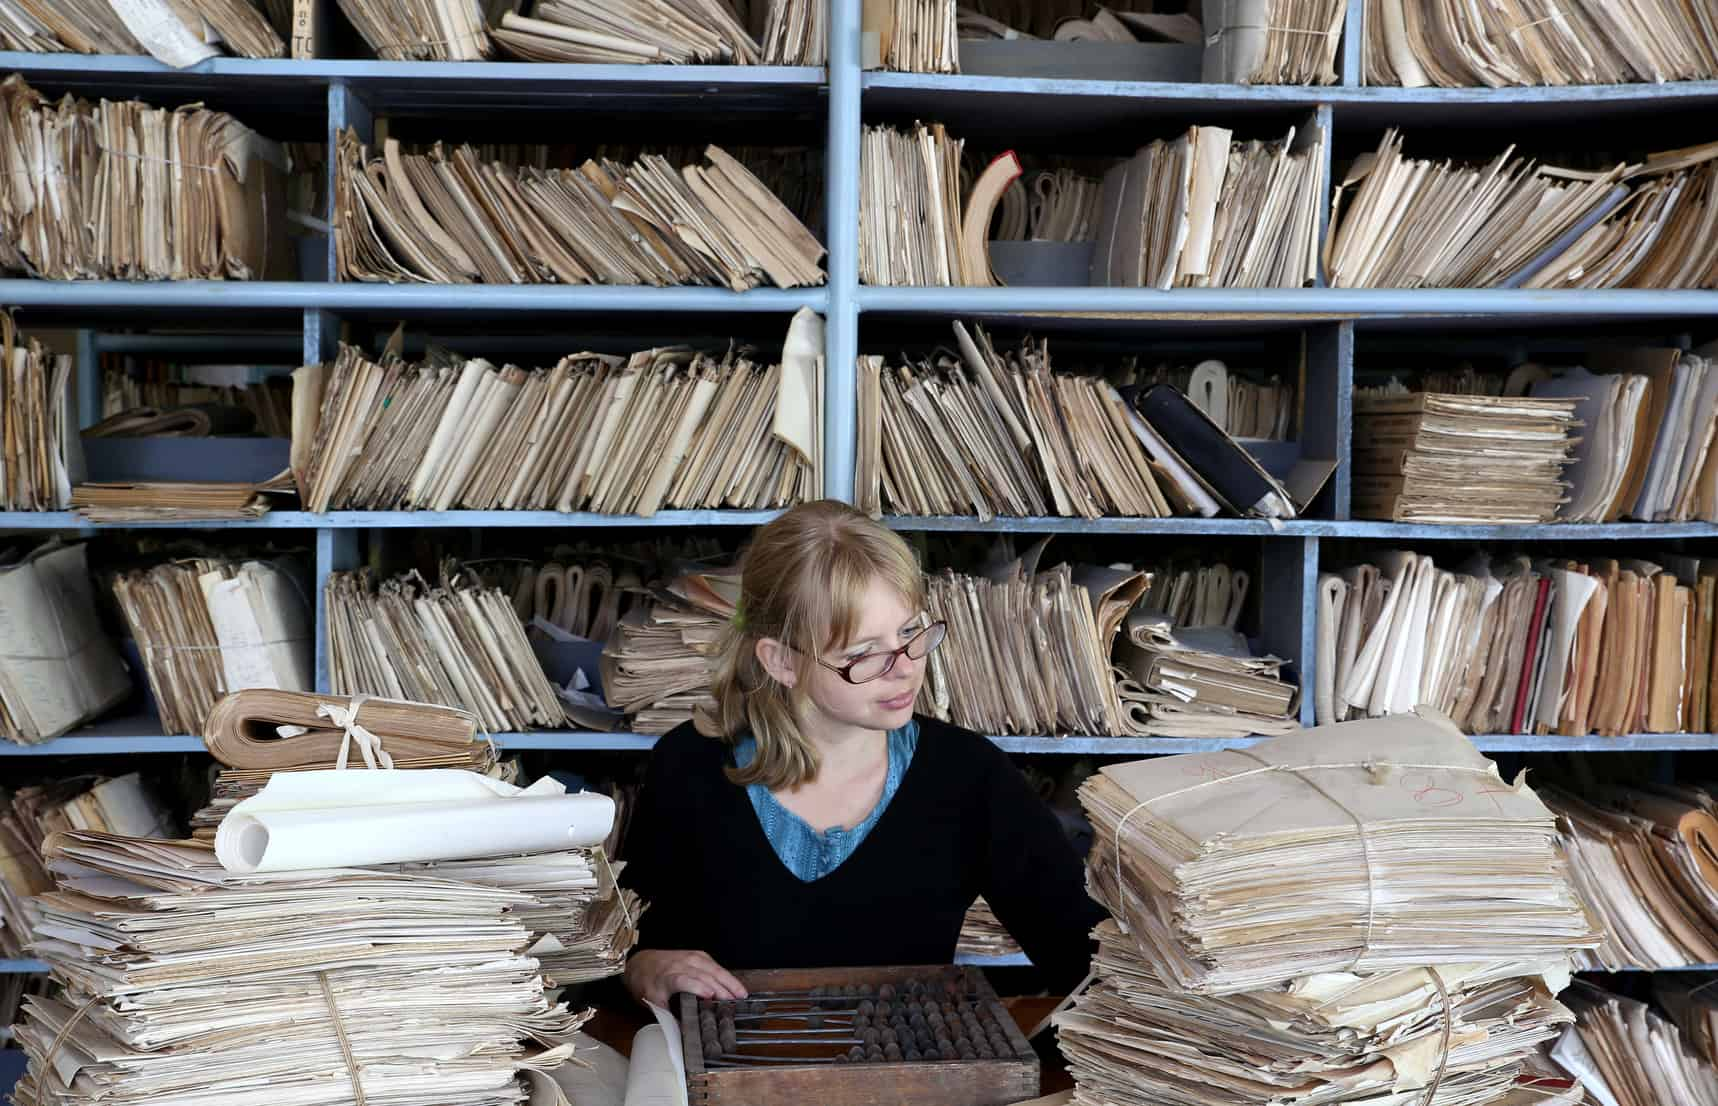 Frau sitzt zwischen Papierstapeln voller Finanzwissen